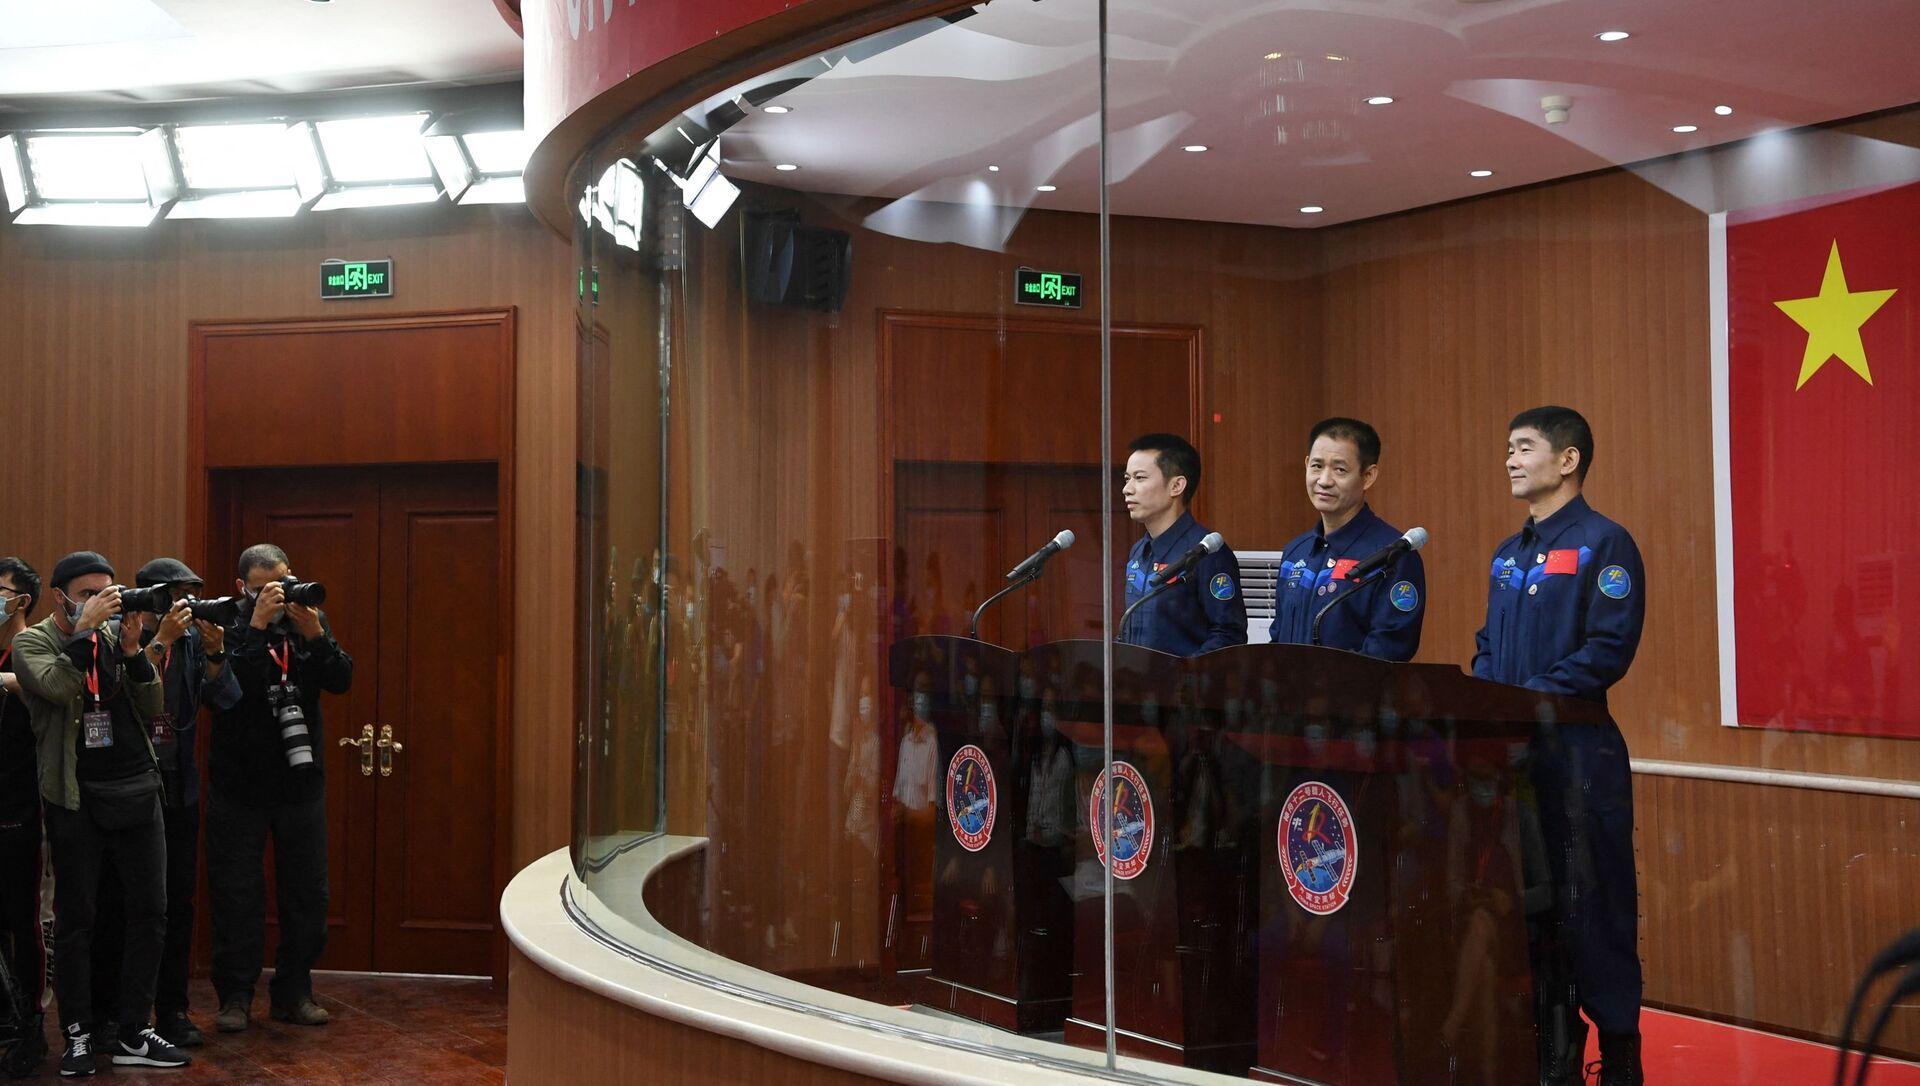 Les astronautes chinois à la conférence de presse - Sputnik France, 1920, 20.08.2021